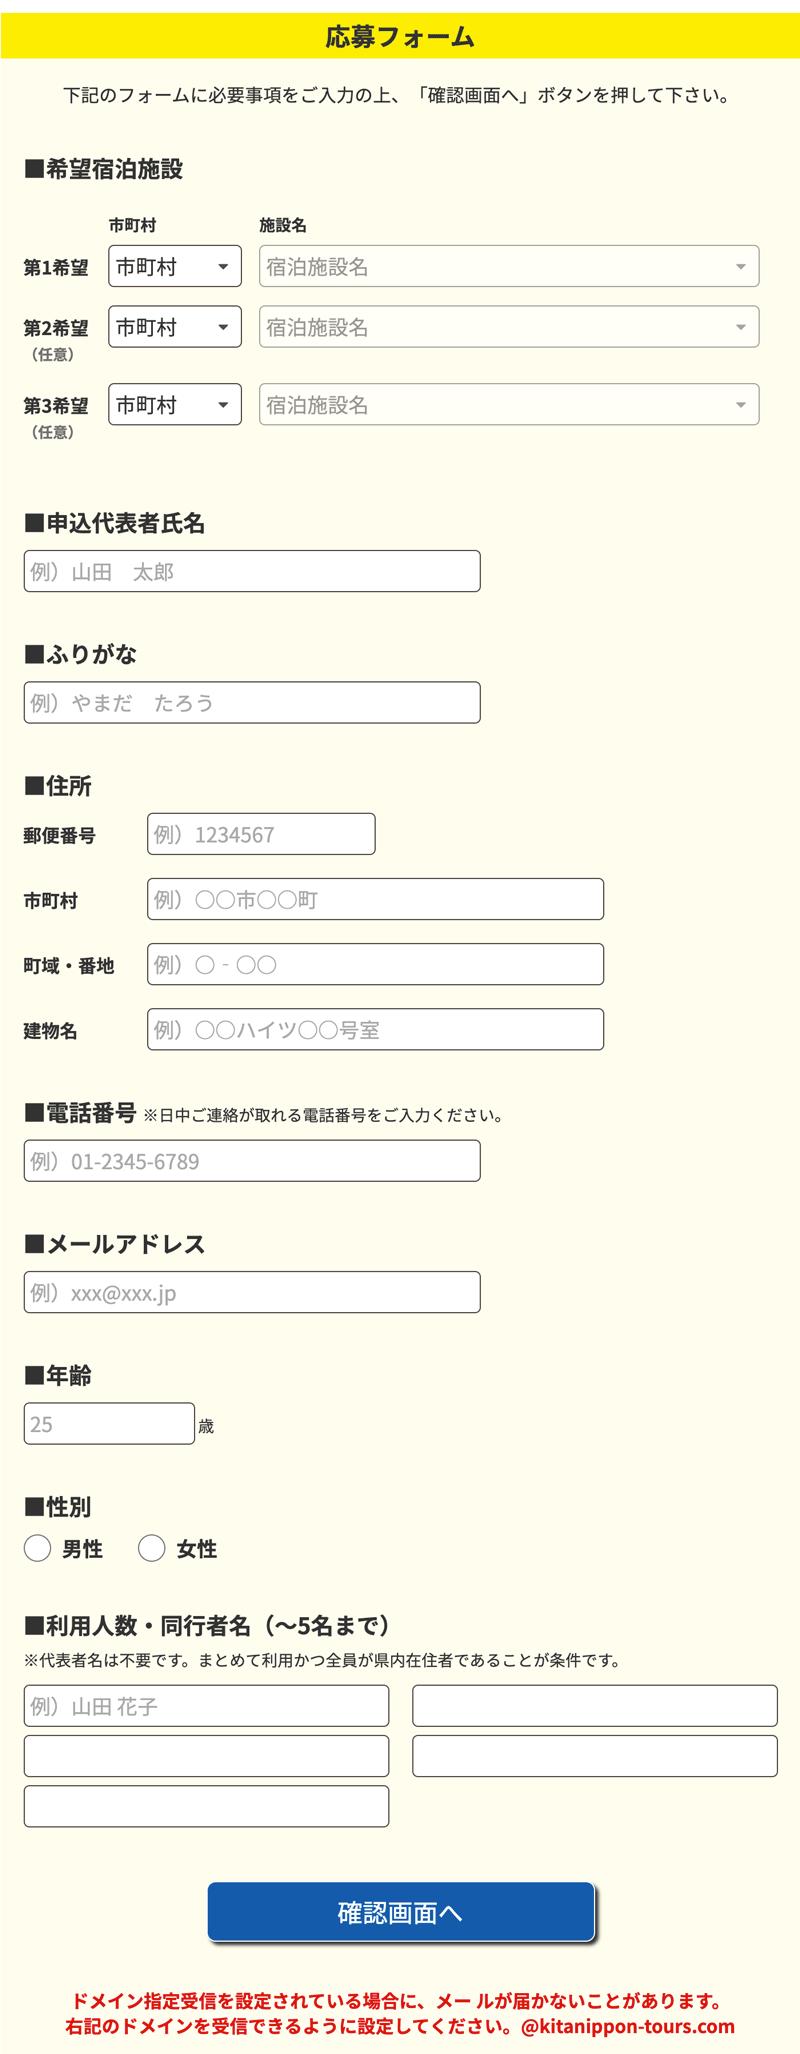 富山県の地元で泊まろう!県民割引キャンペーンの申込フォーム